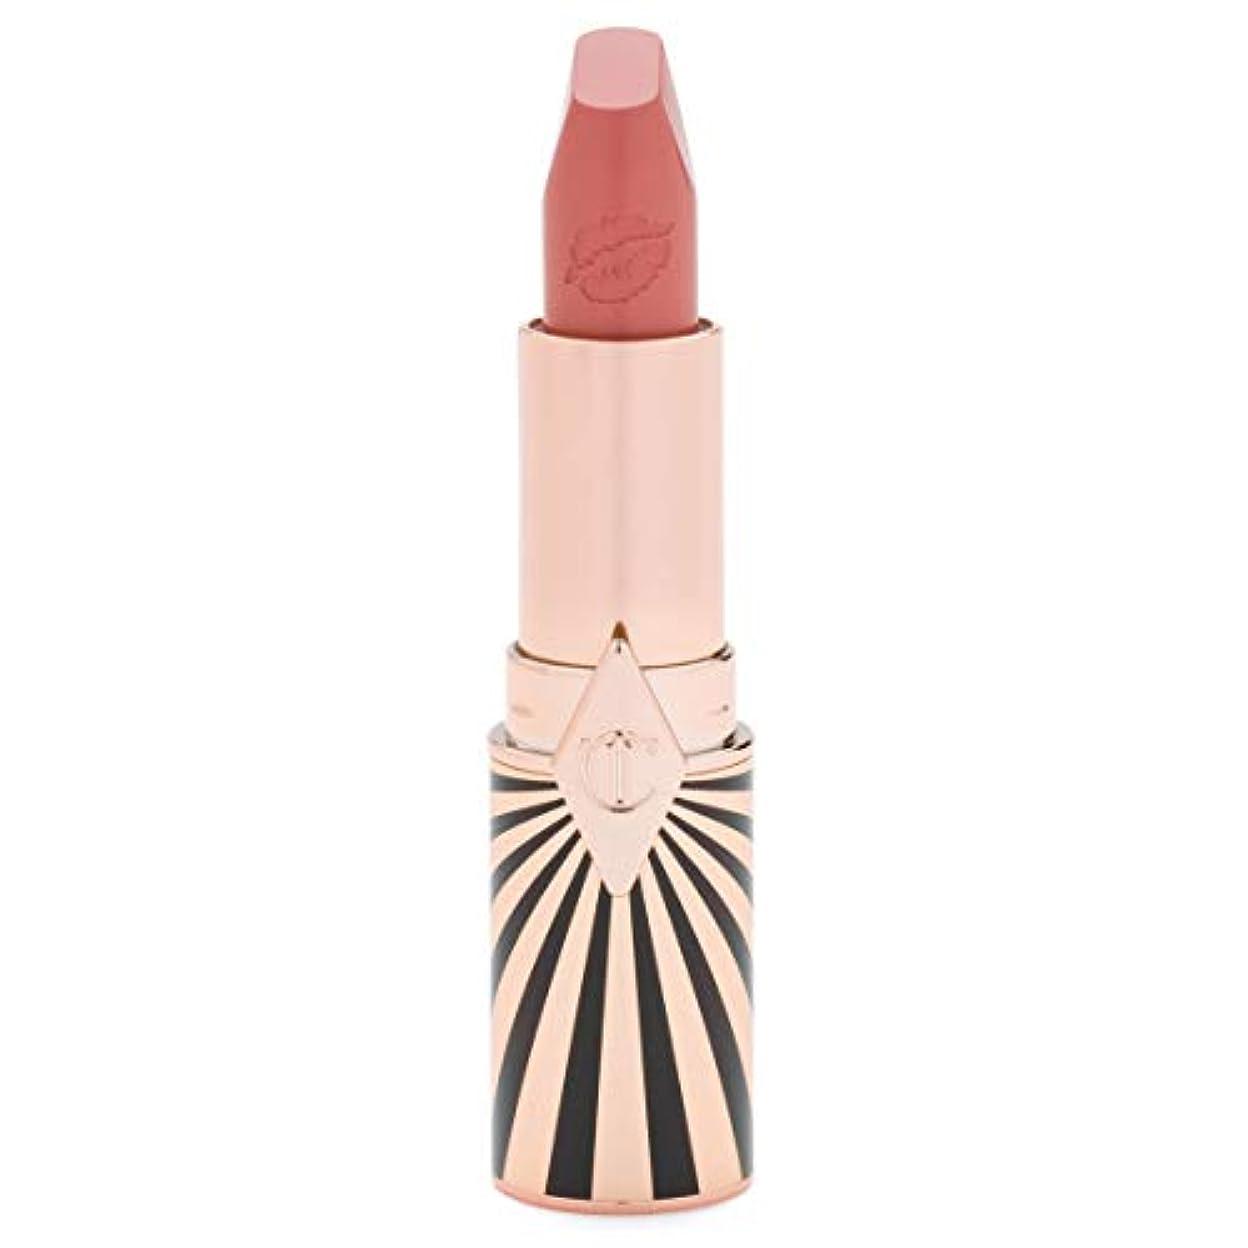 ビートレギュラーゆでるCharlotte Tilbury Hot Lips 2 In love with Olivia Limited Edition シャーロット?ティルベリー